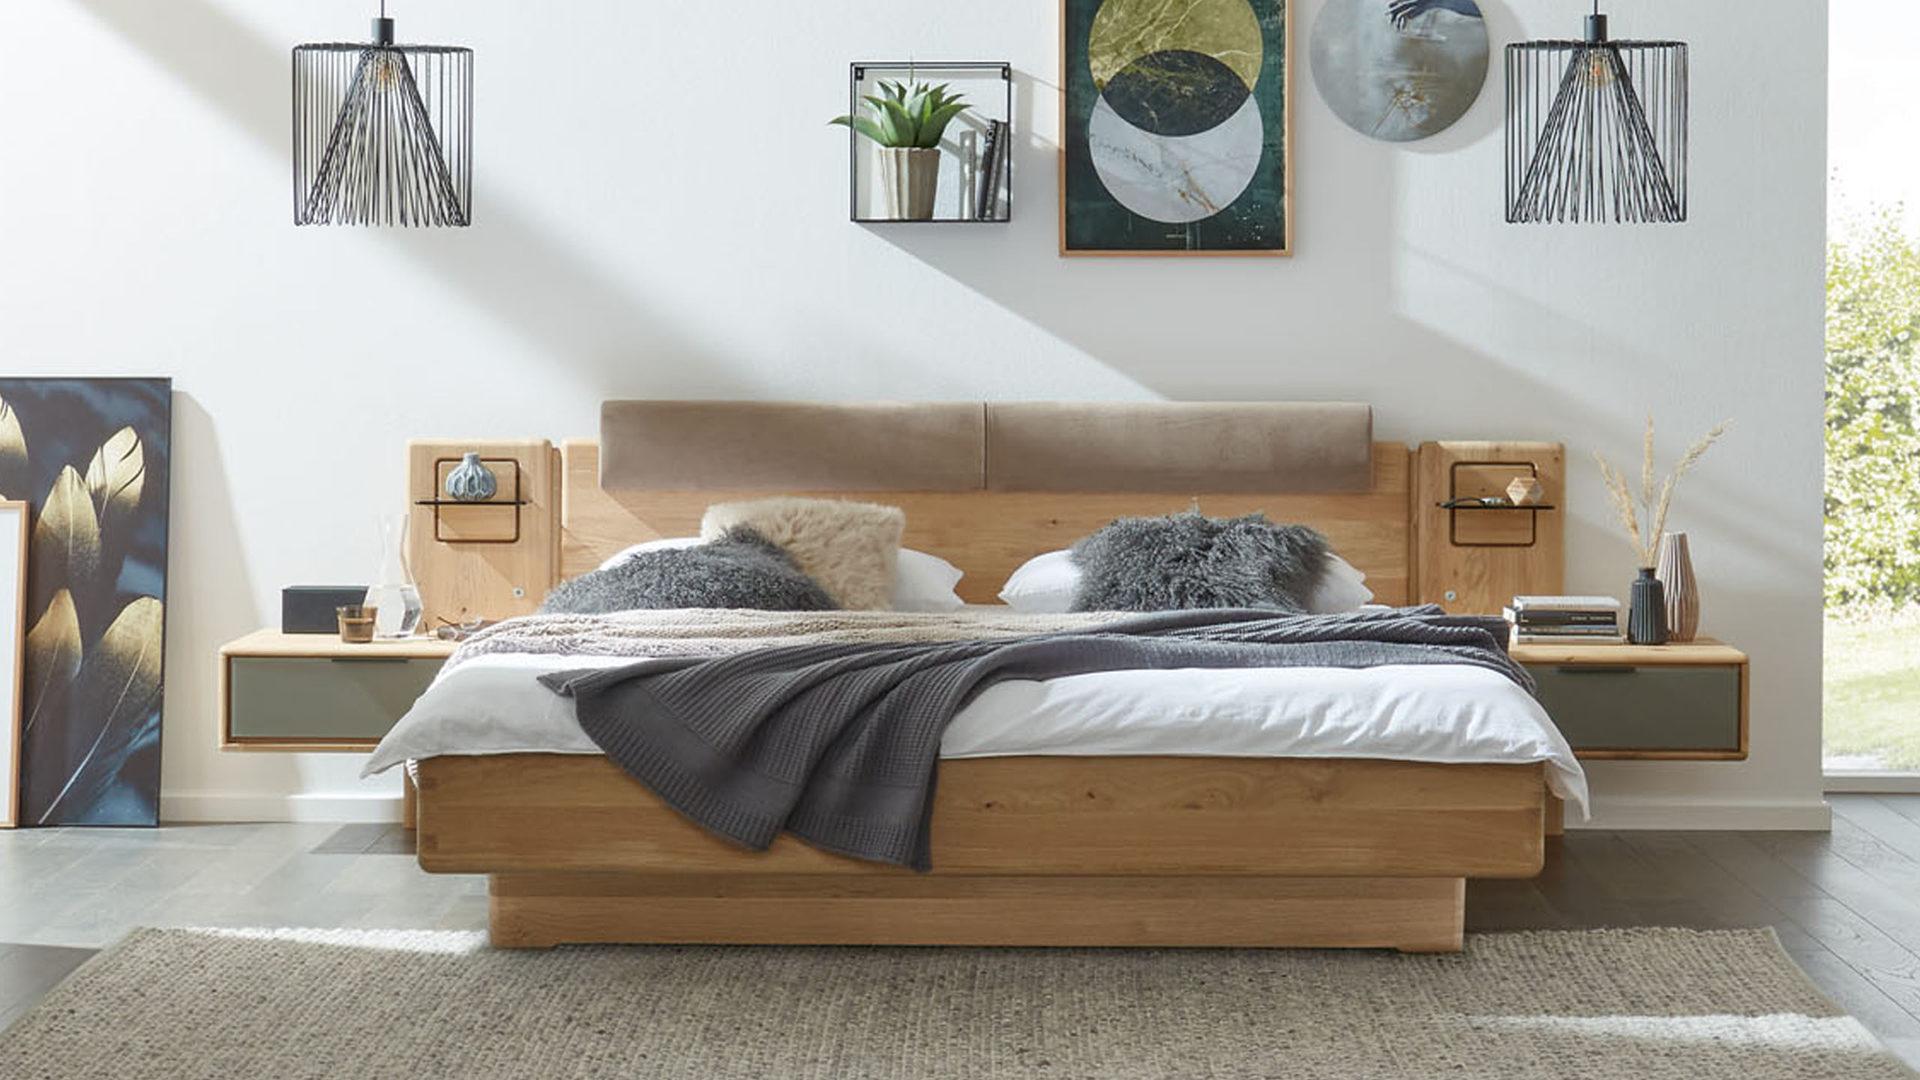 Interliving Schlafzimmer Serie 1015 Bettgestell 1181 Mit Zusatzausstattung